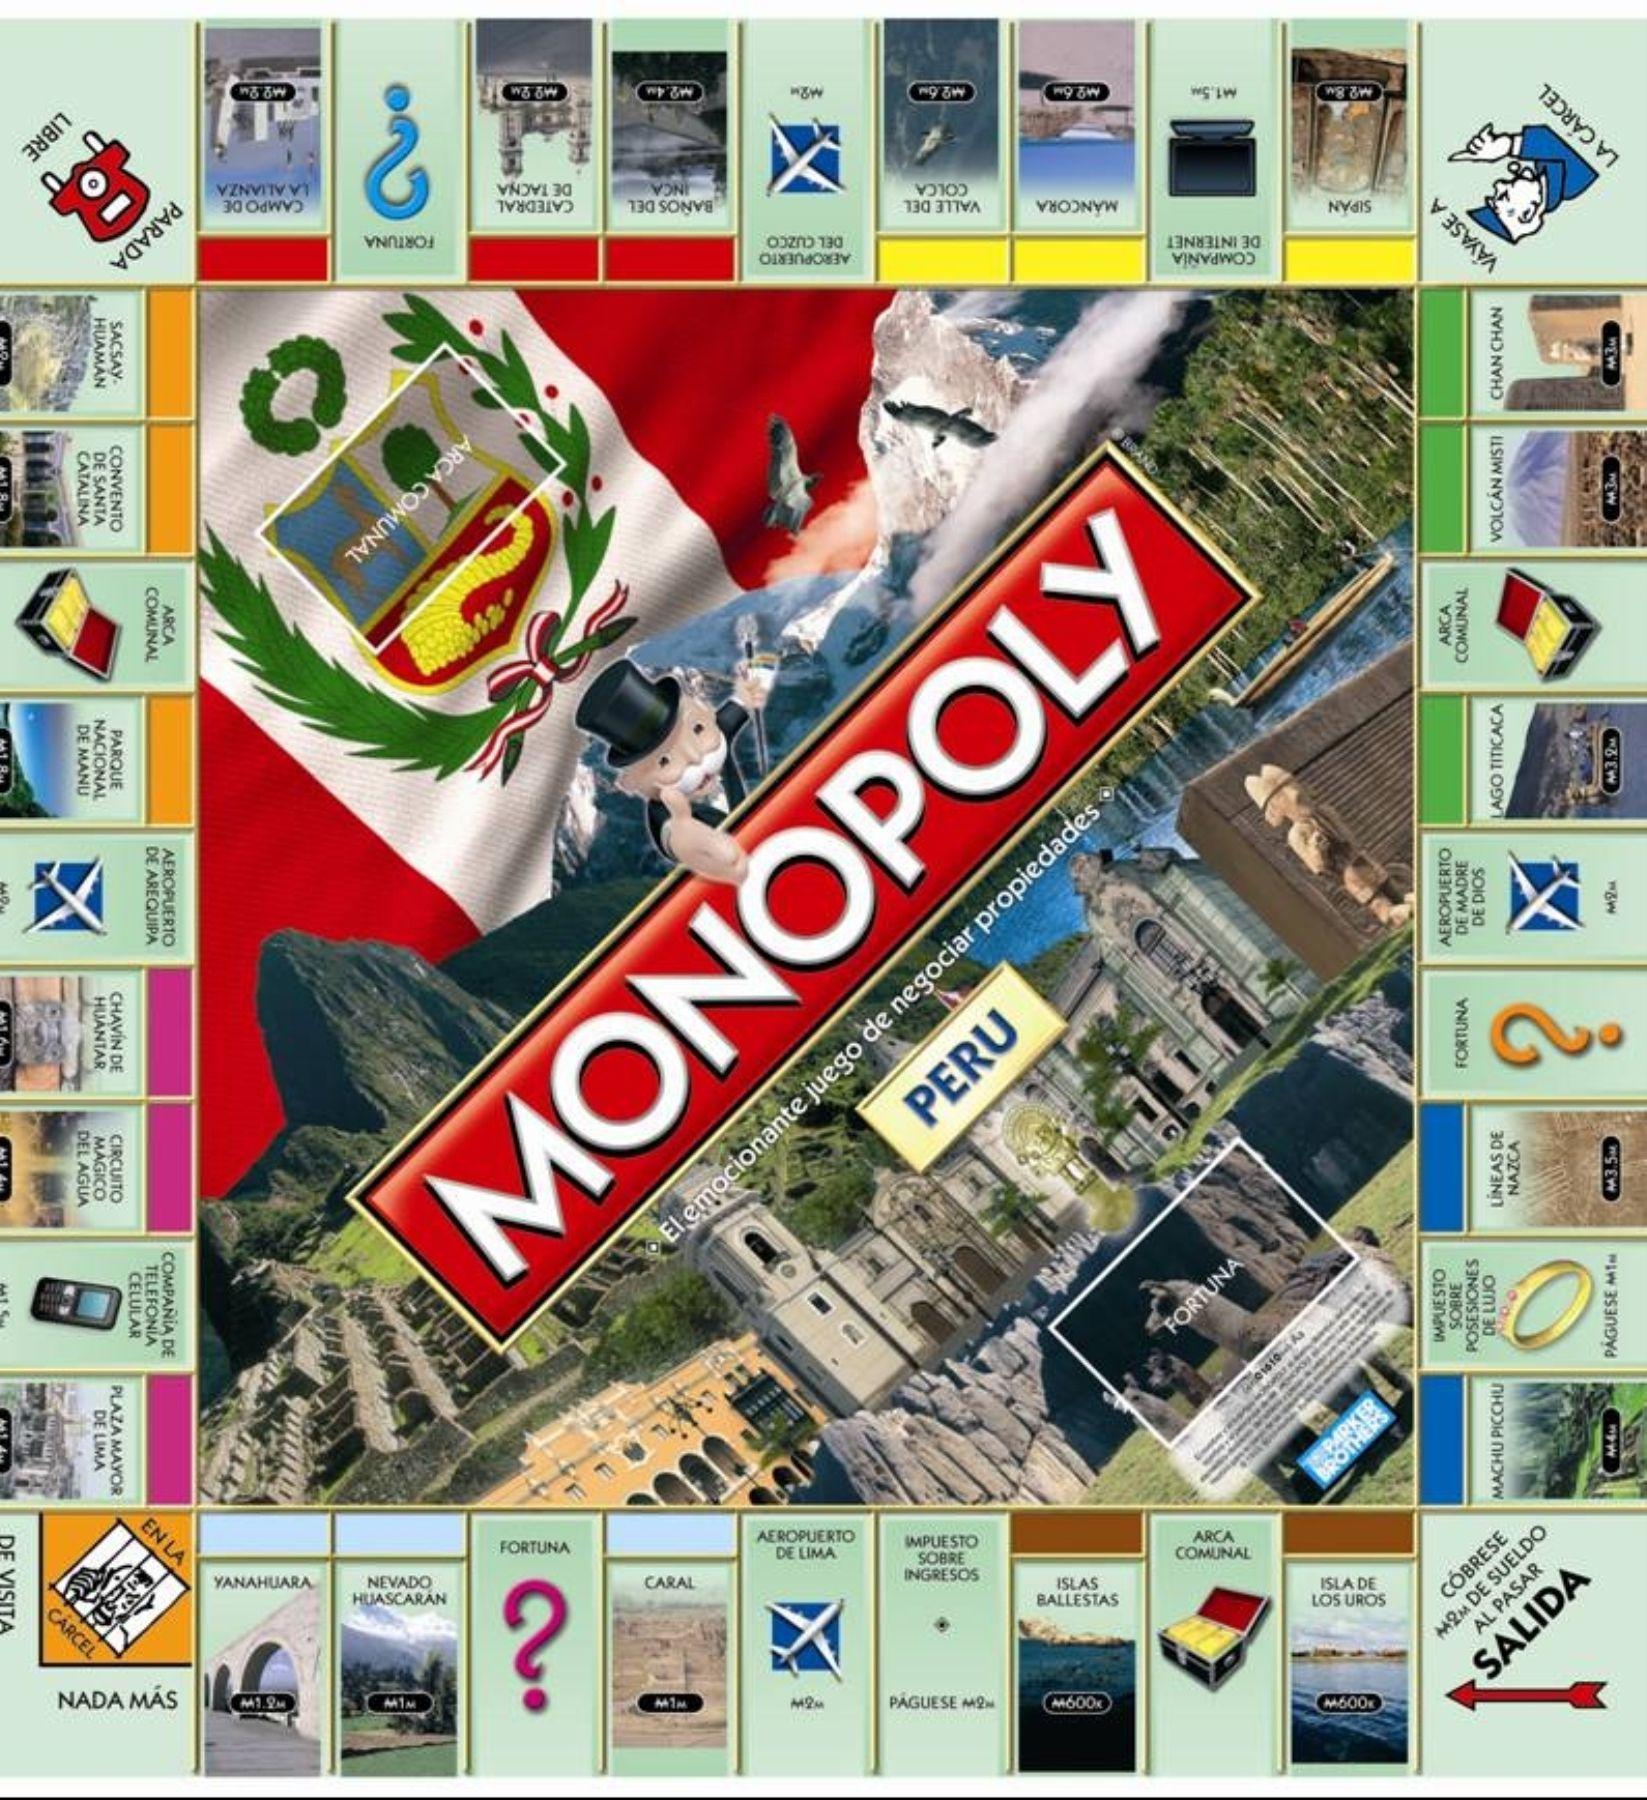 Vegas world free games